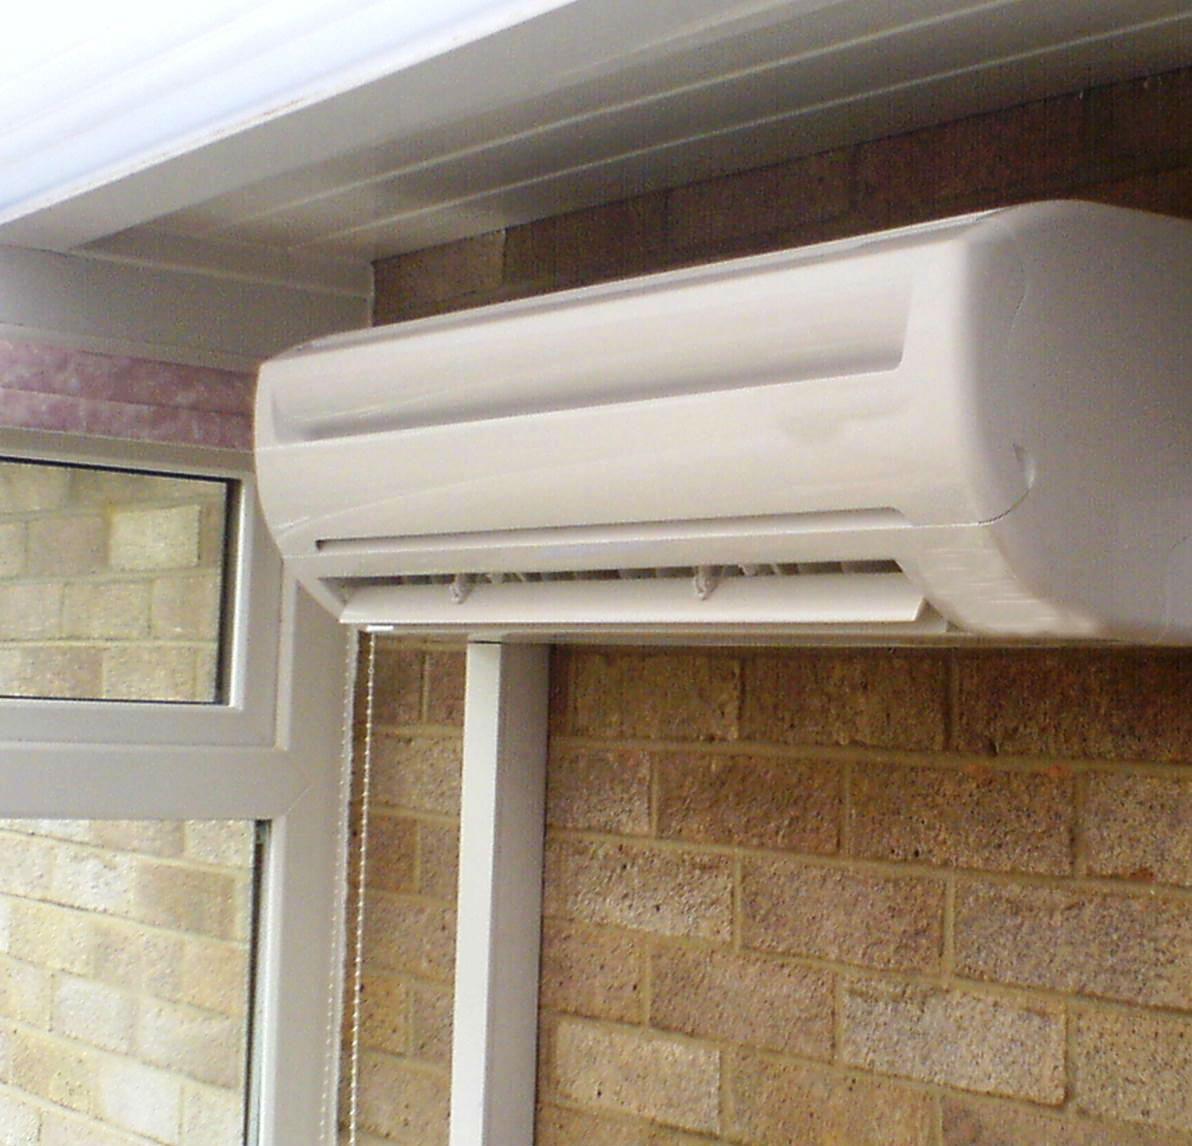 Algumas soluções de ar condicionado permitem a filtragem do ar para a eliminação de vírus, bactérias, agentes alergénicos, odores e fumos.